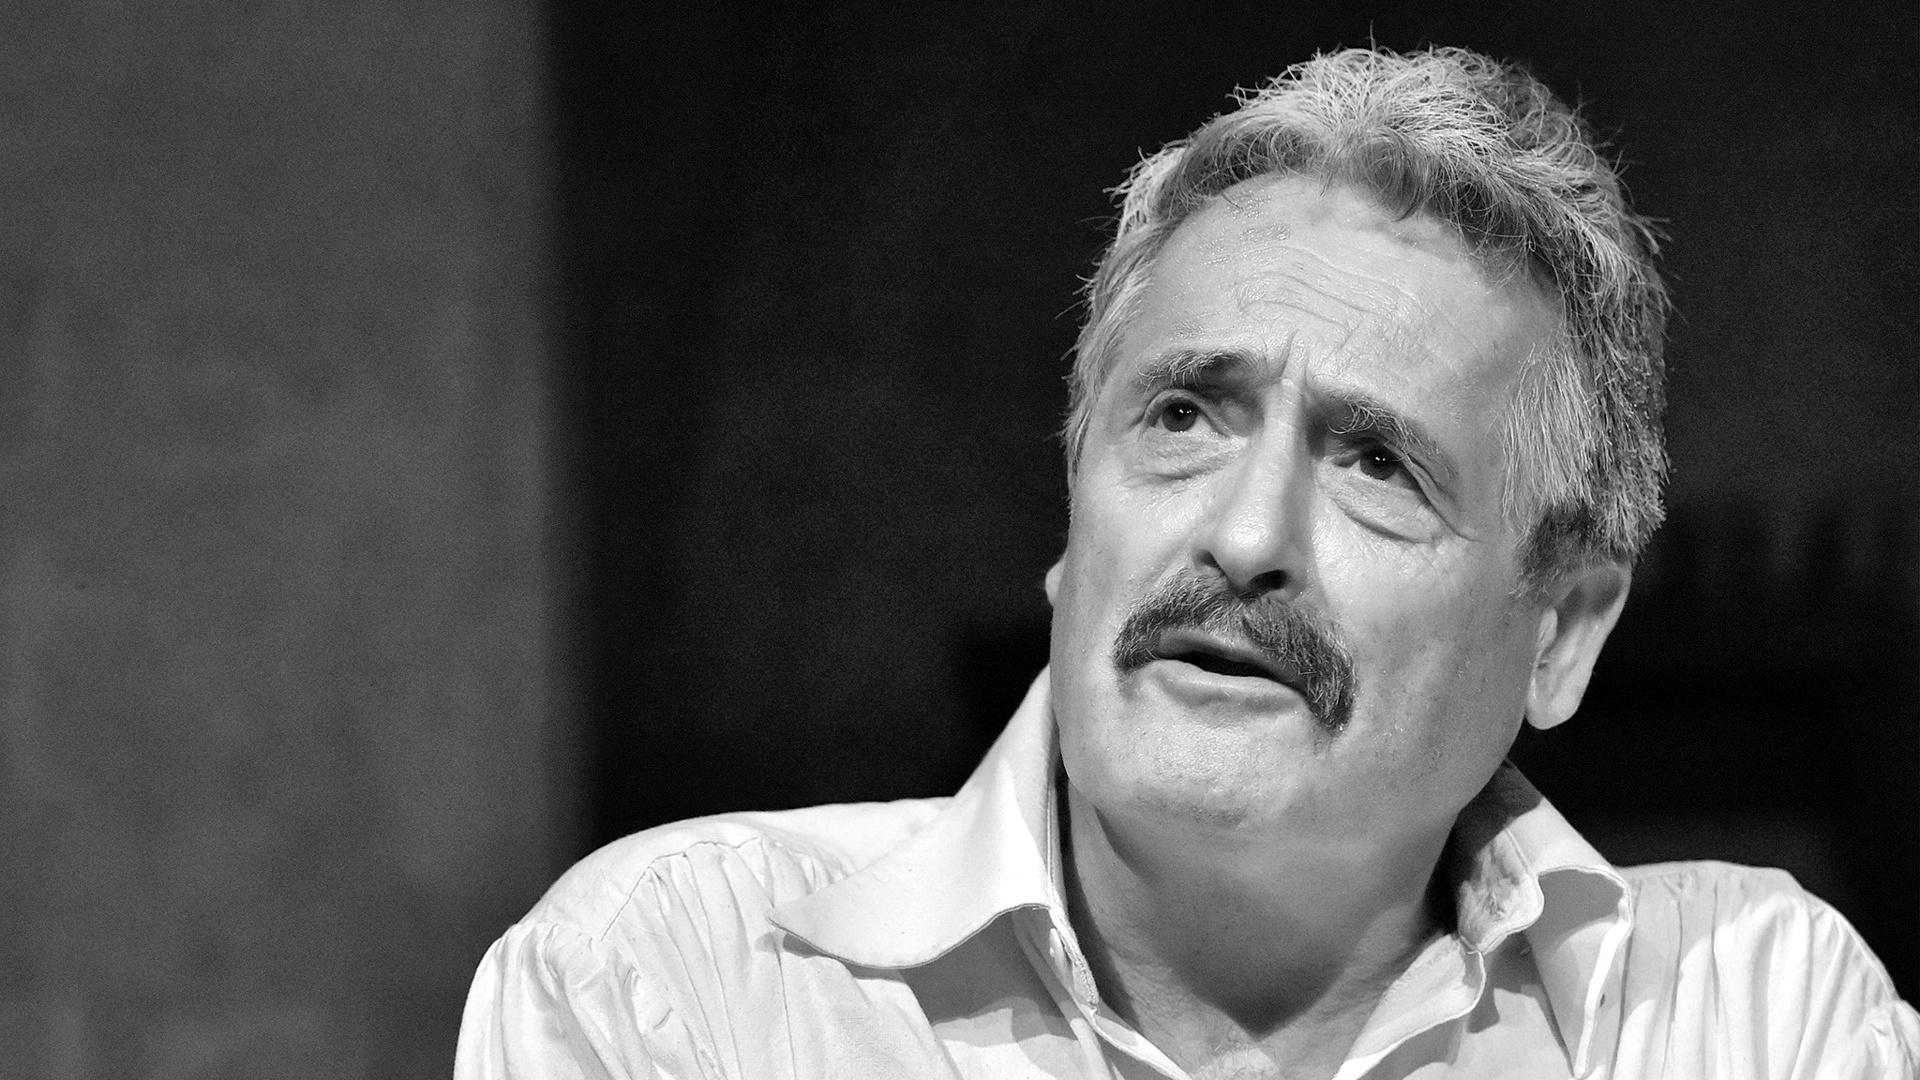 Elhunyt Kelemen Csaba egri színművész